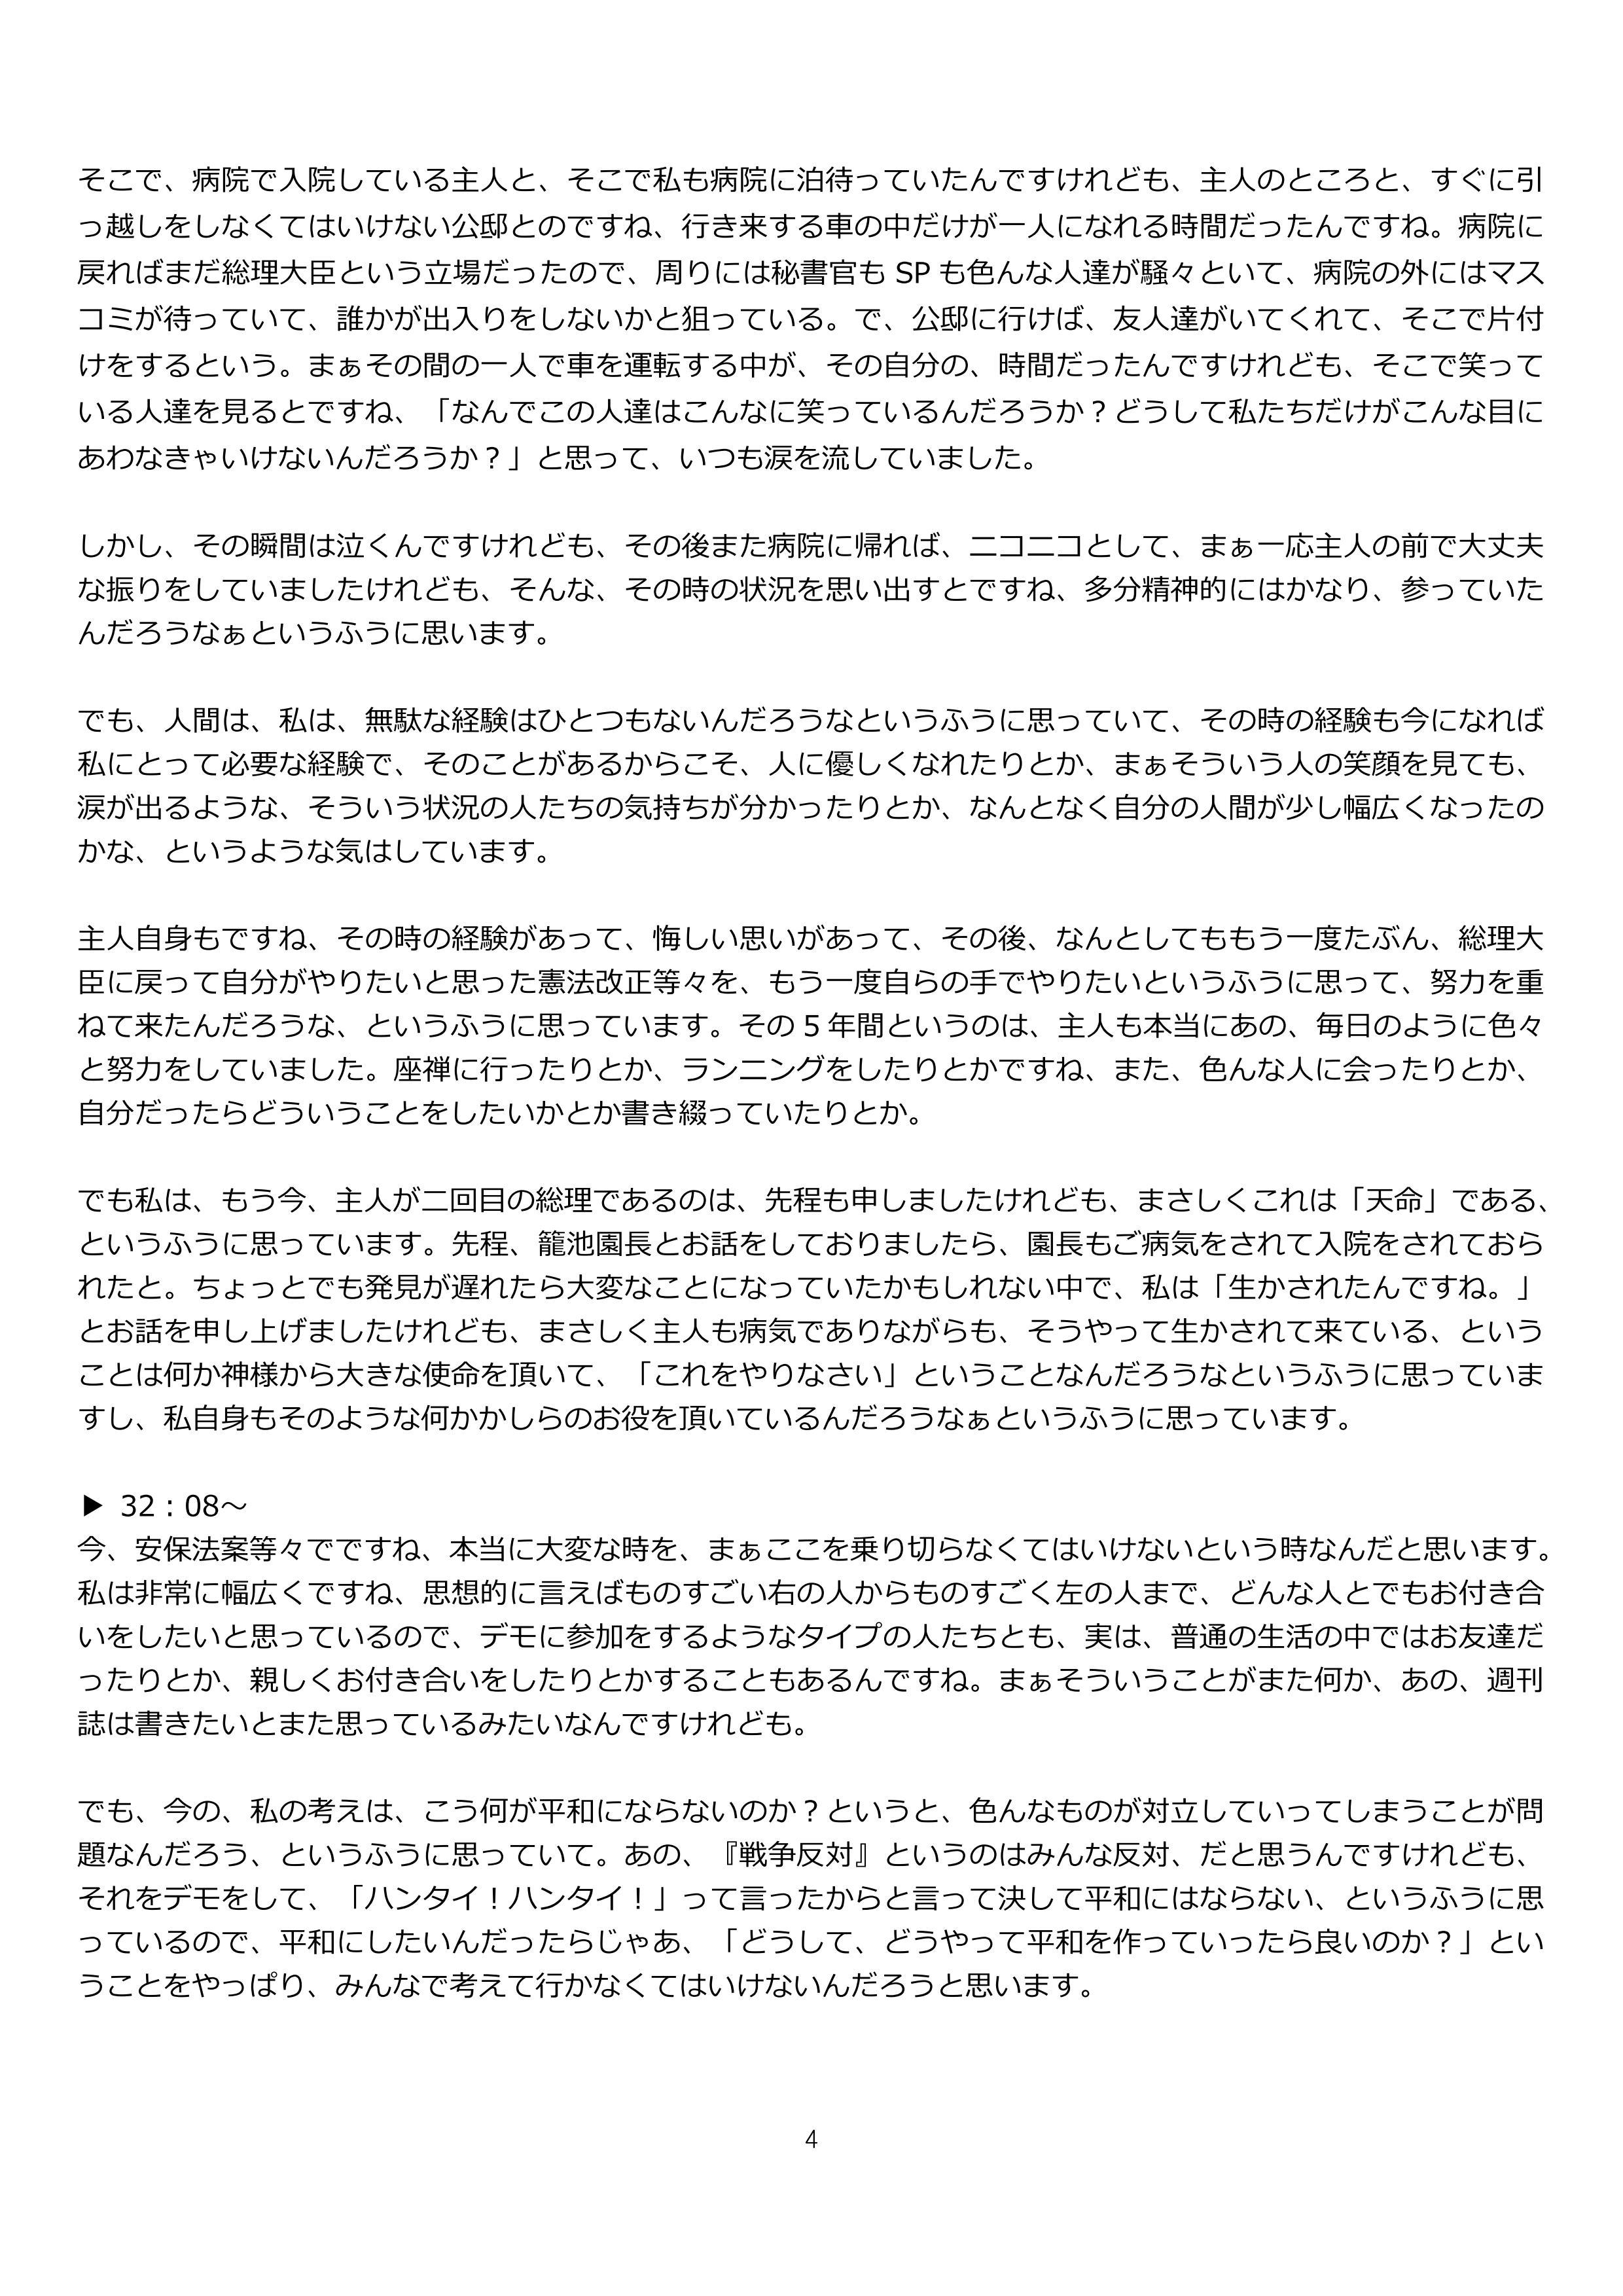 20150905_塚本幼稚園内講演会 (1) (1)_04